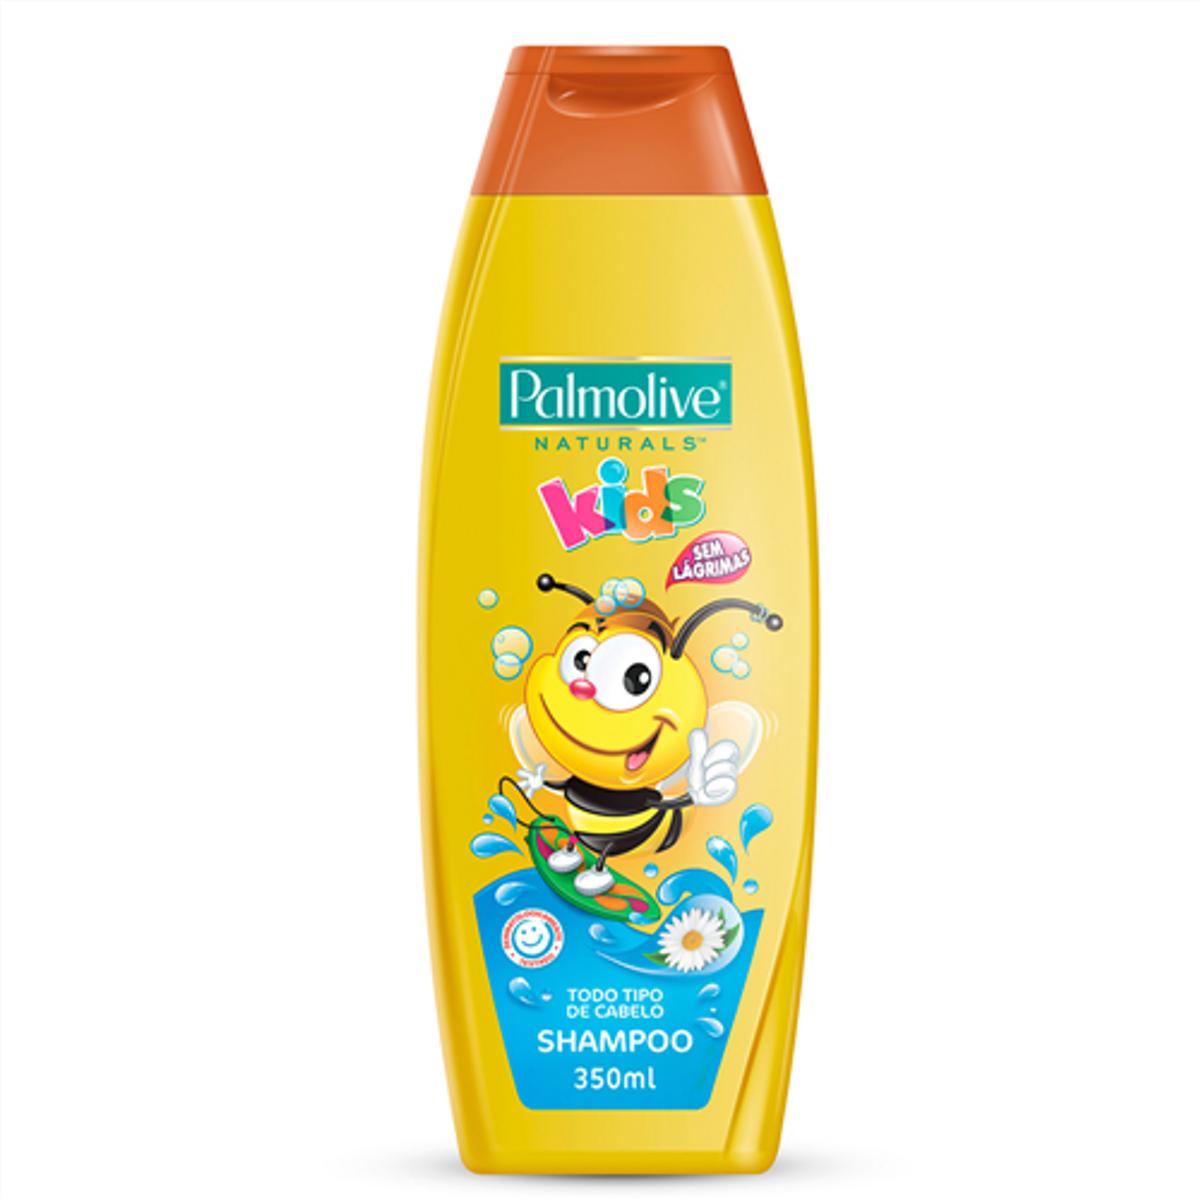 e04fdff8f Shampoo PALMOLIVE Naturals Kids 350ml